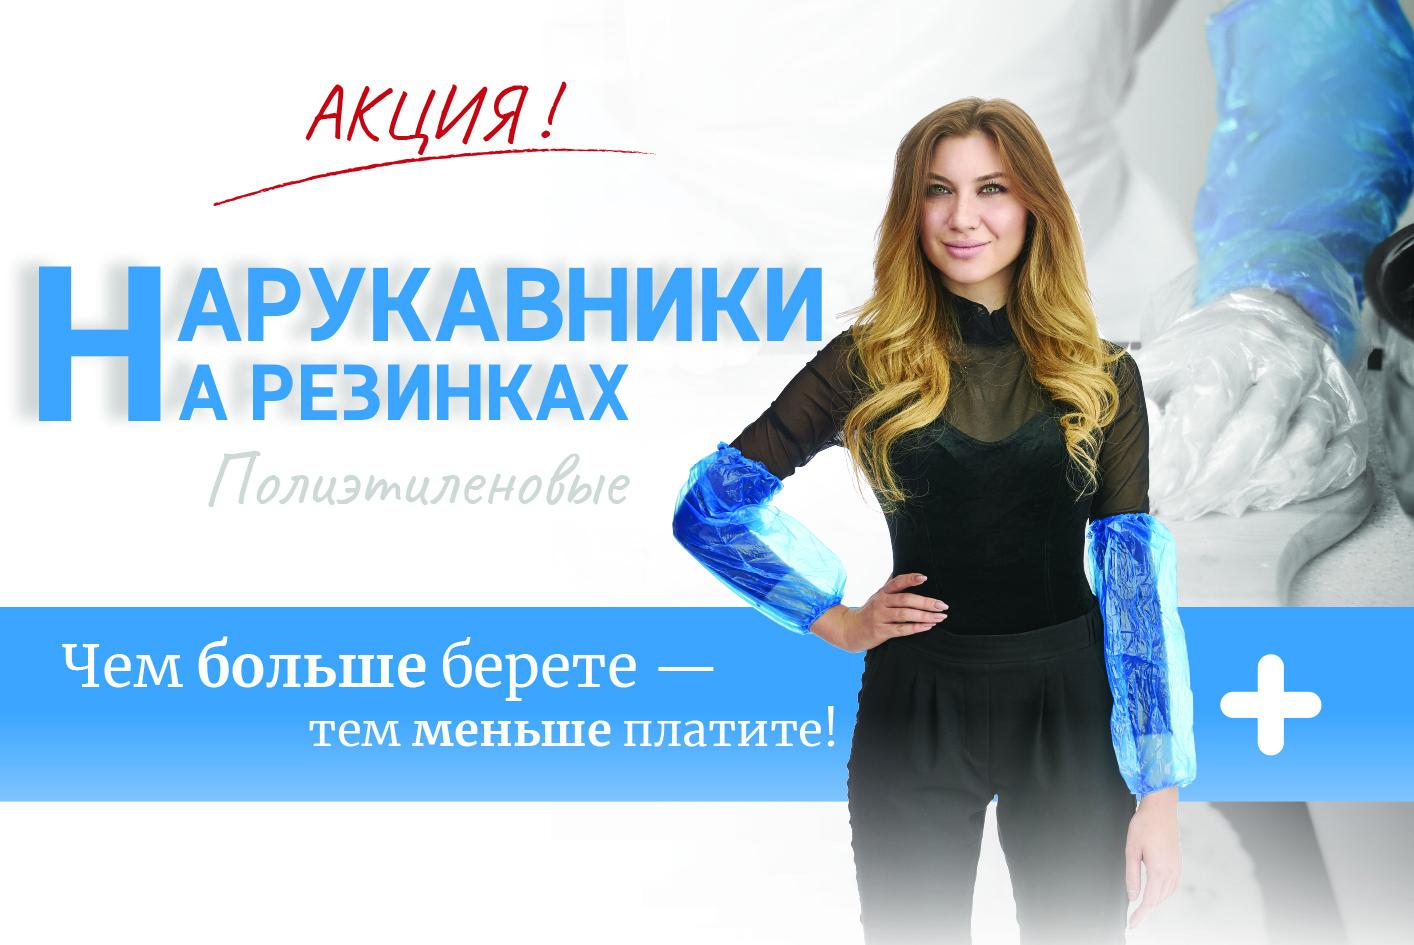 реклама нарукавники - Акция - скидка на полиэтиленовые нарукавники